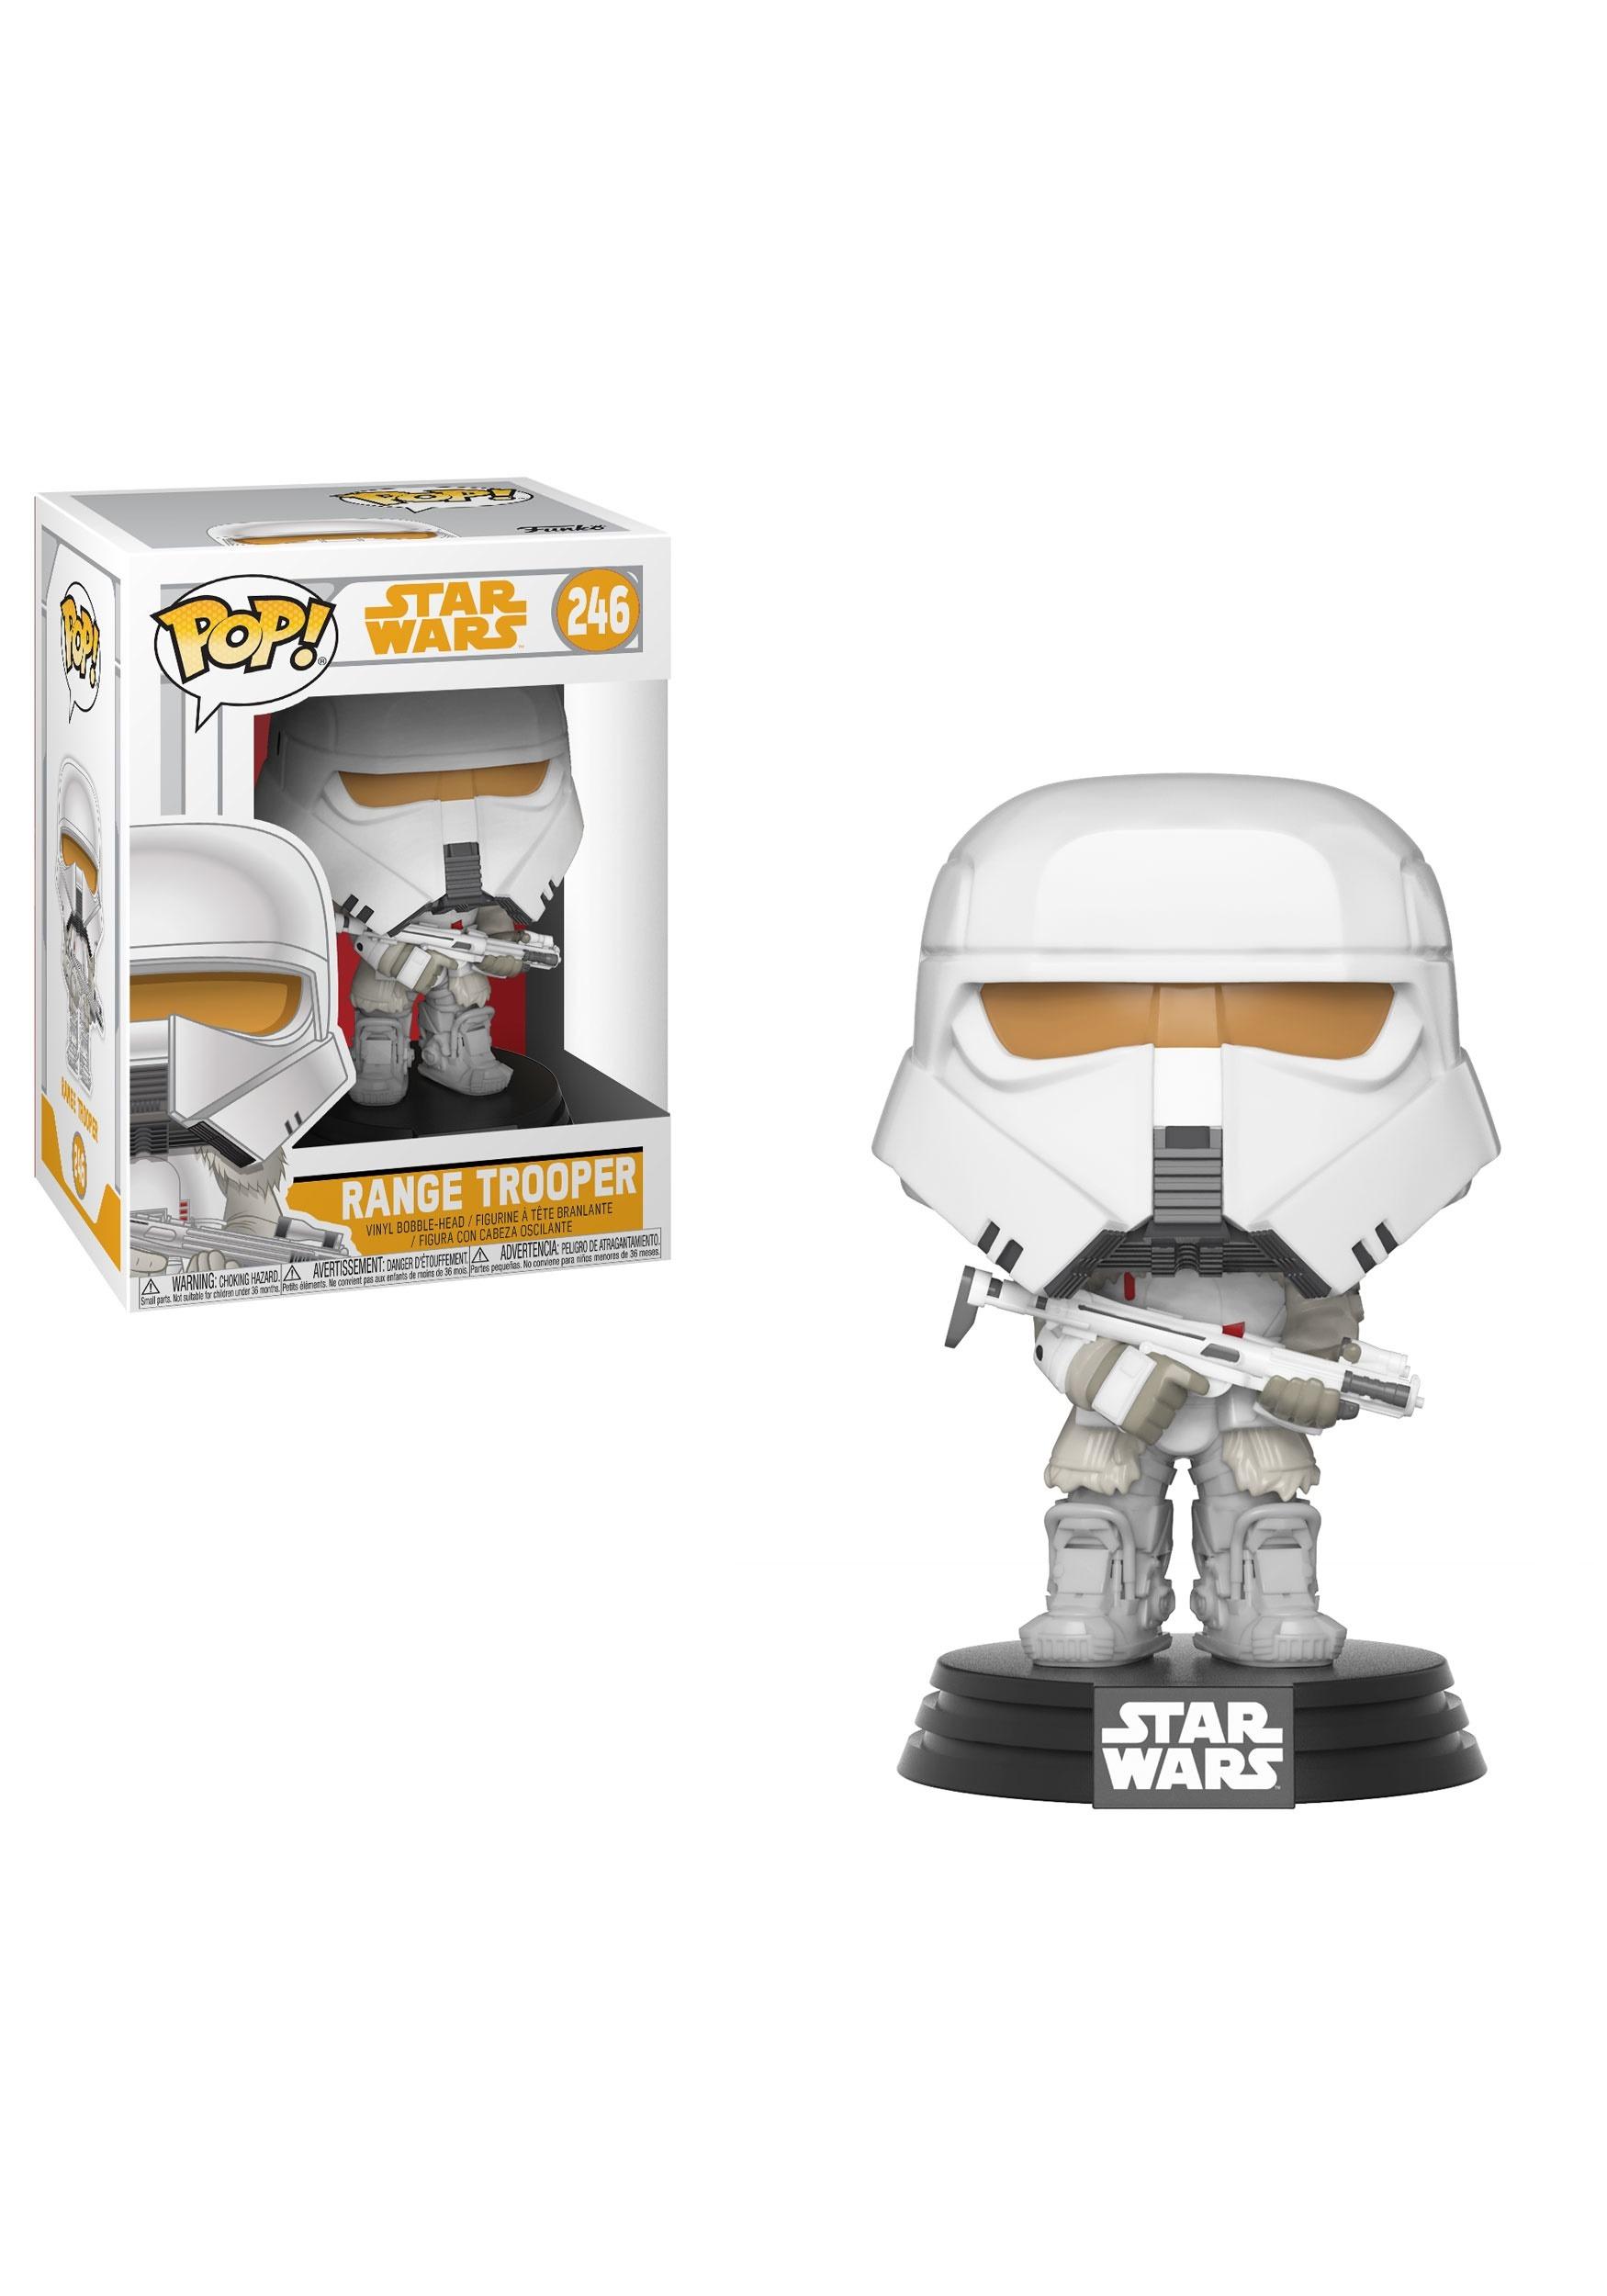 POP! Star Wars: Solo - Range Trooper Bobblehead Figure FN27008